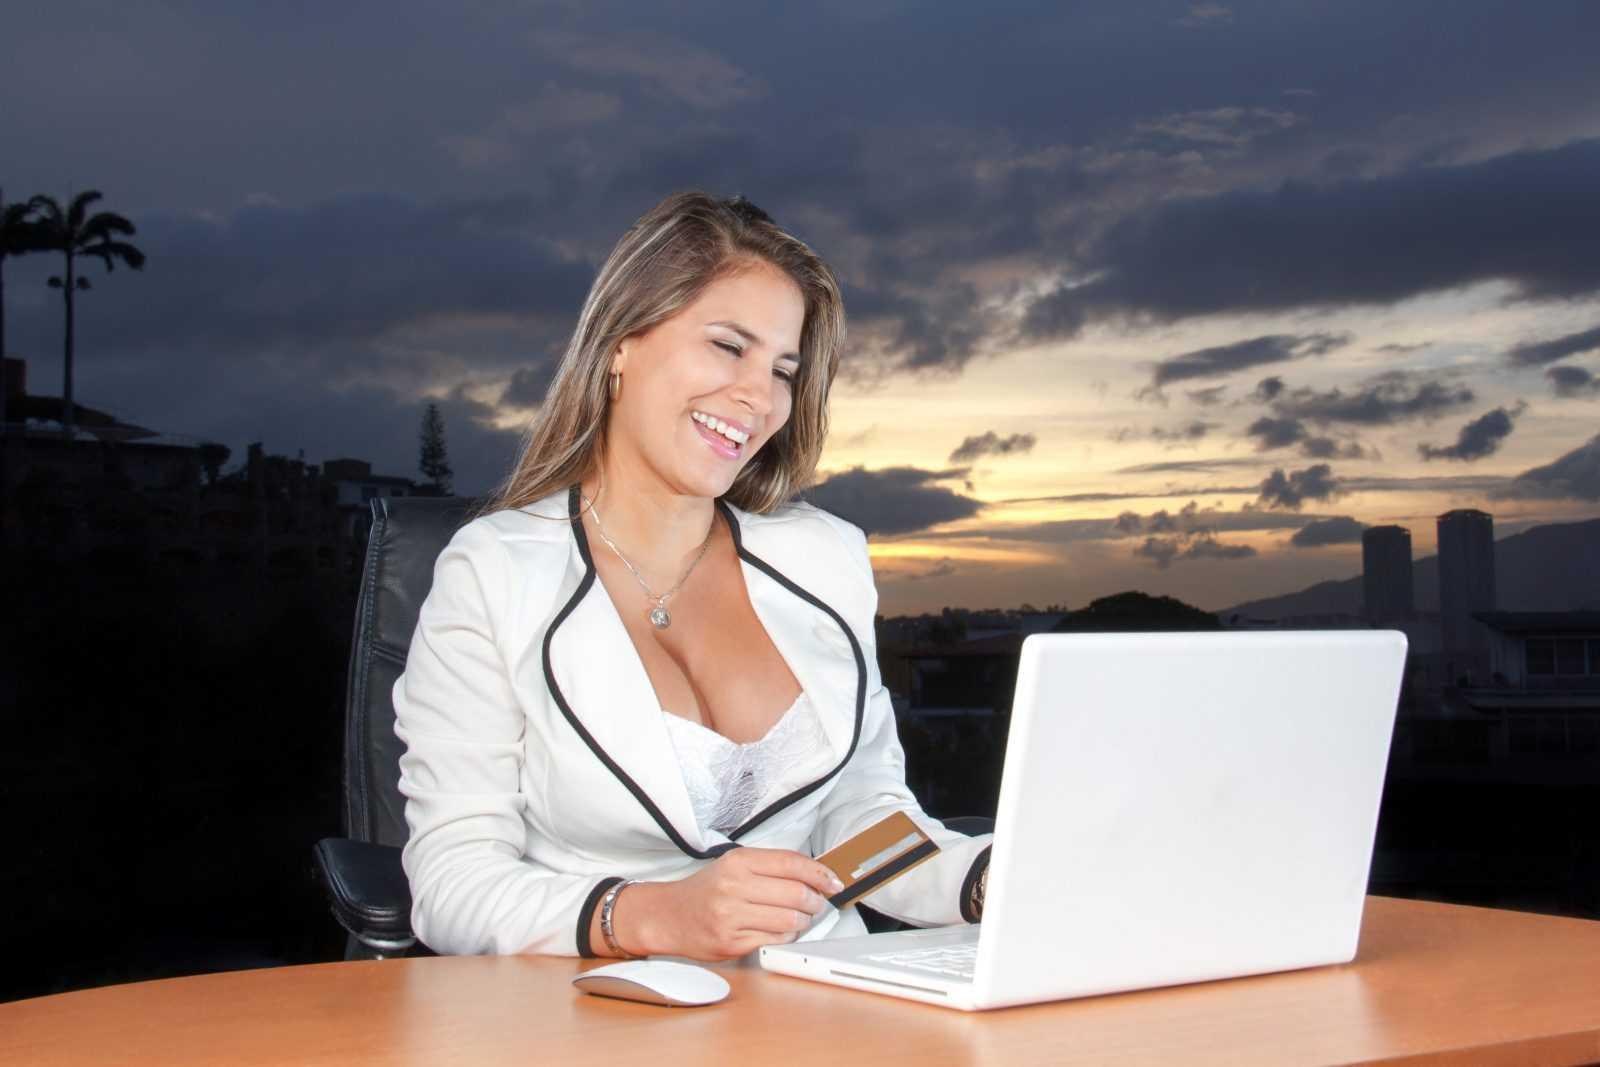 Самые востребованные профессии для девушек